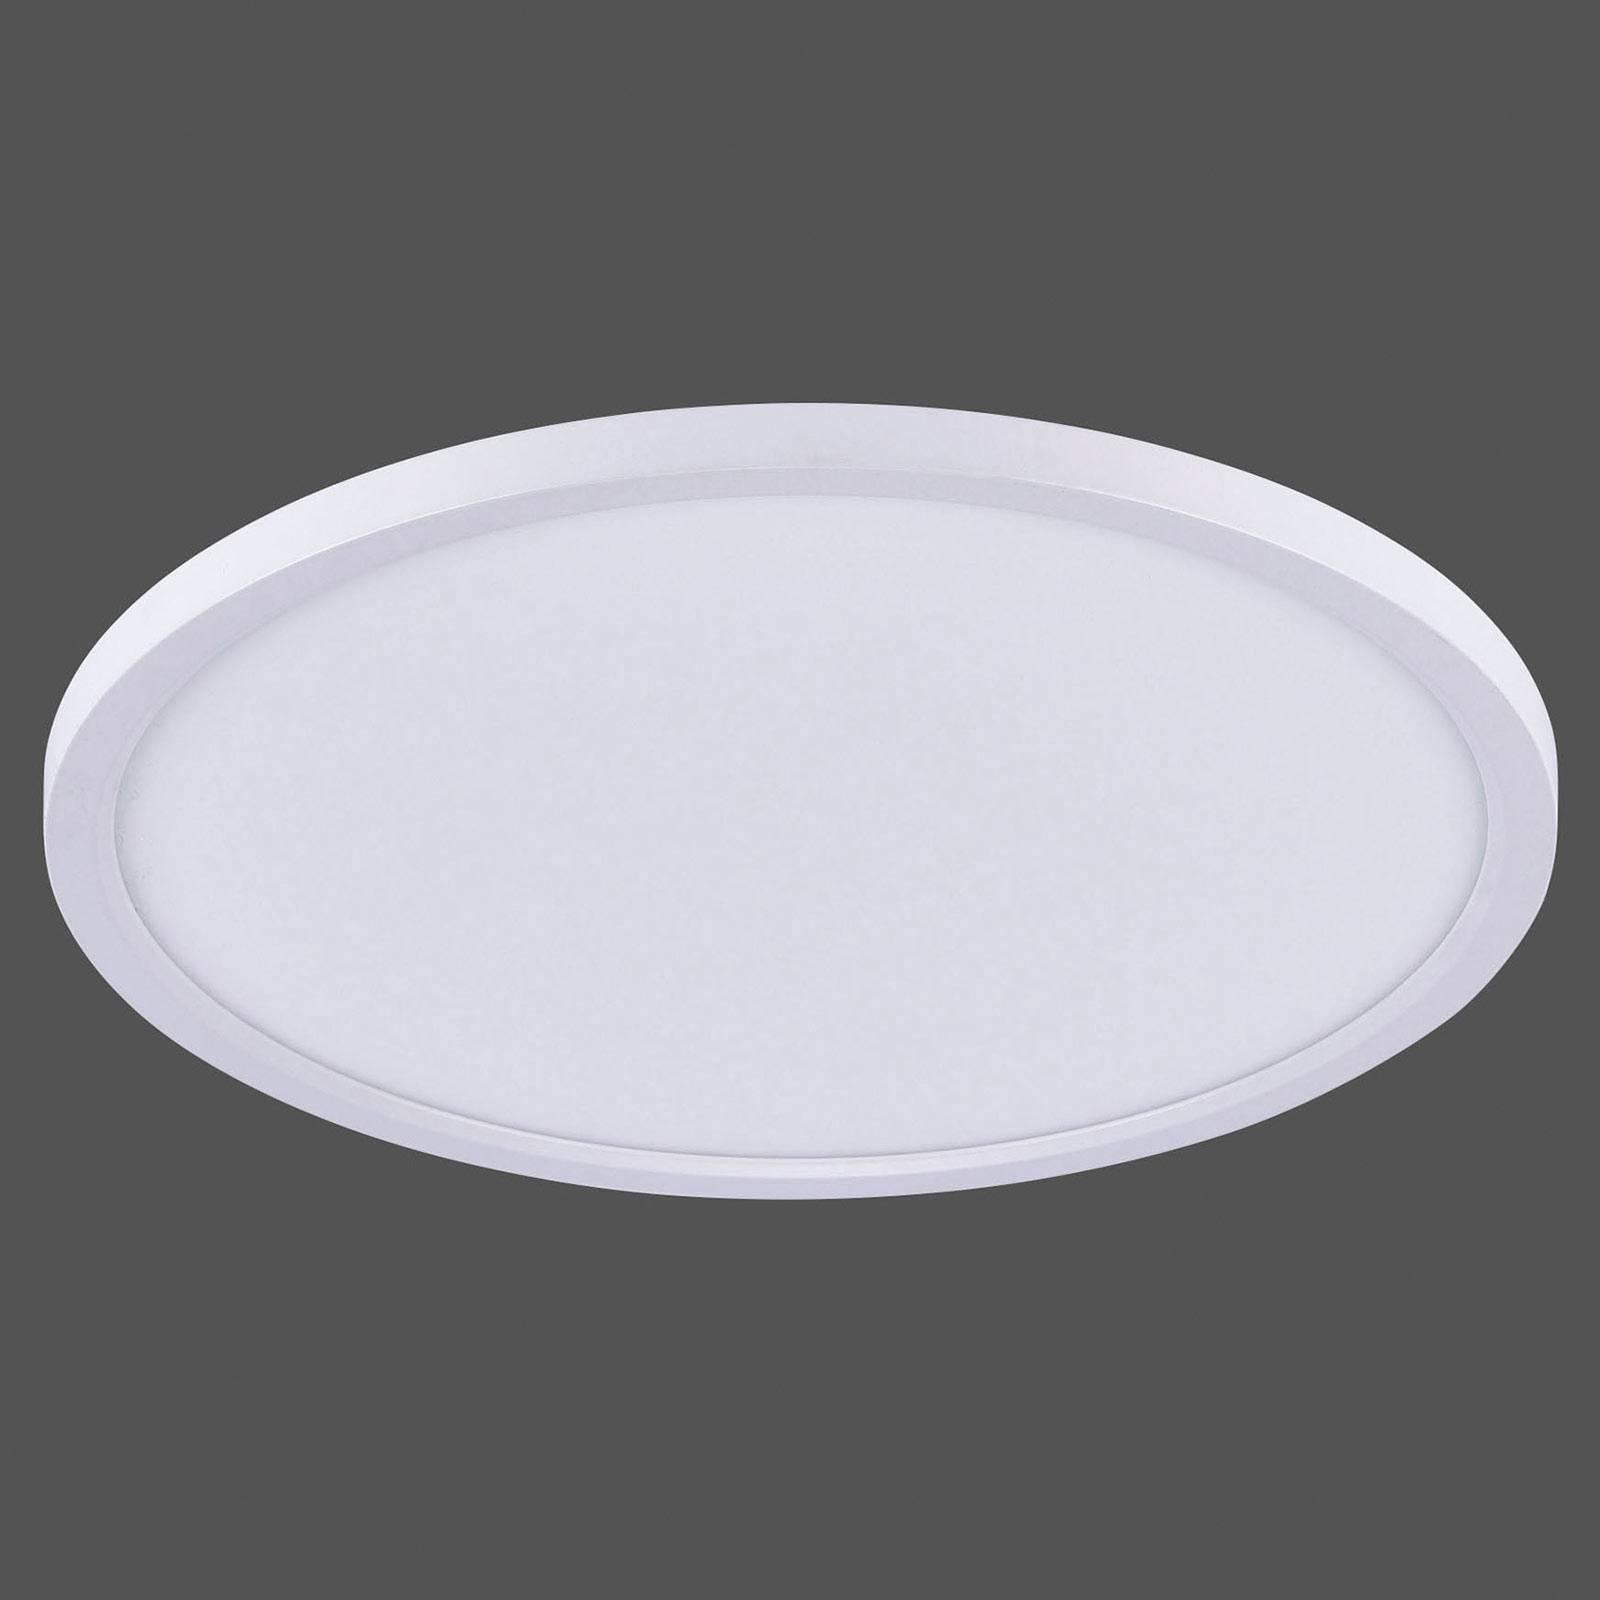 Lampa sufitowa LED Flat CCT, Ø 40 cm, biała